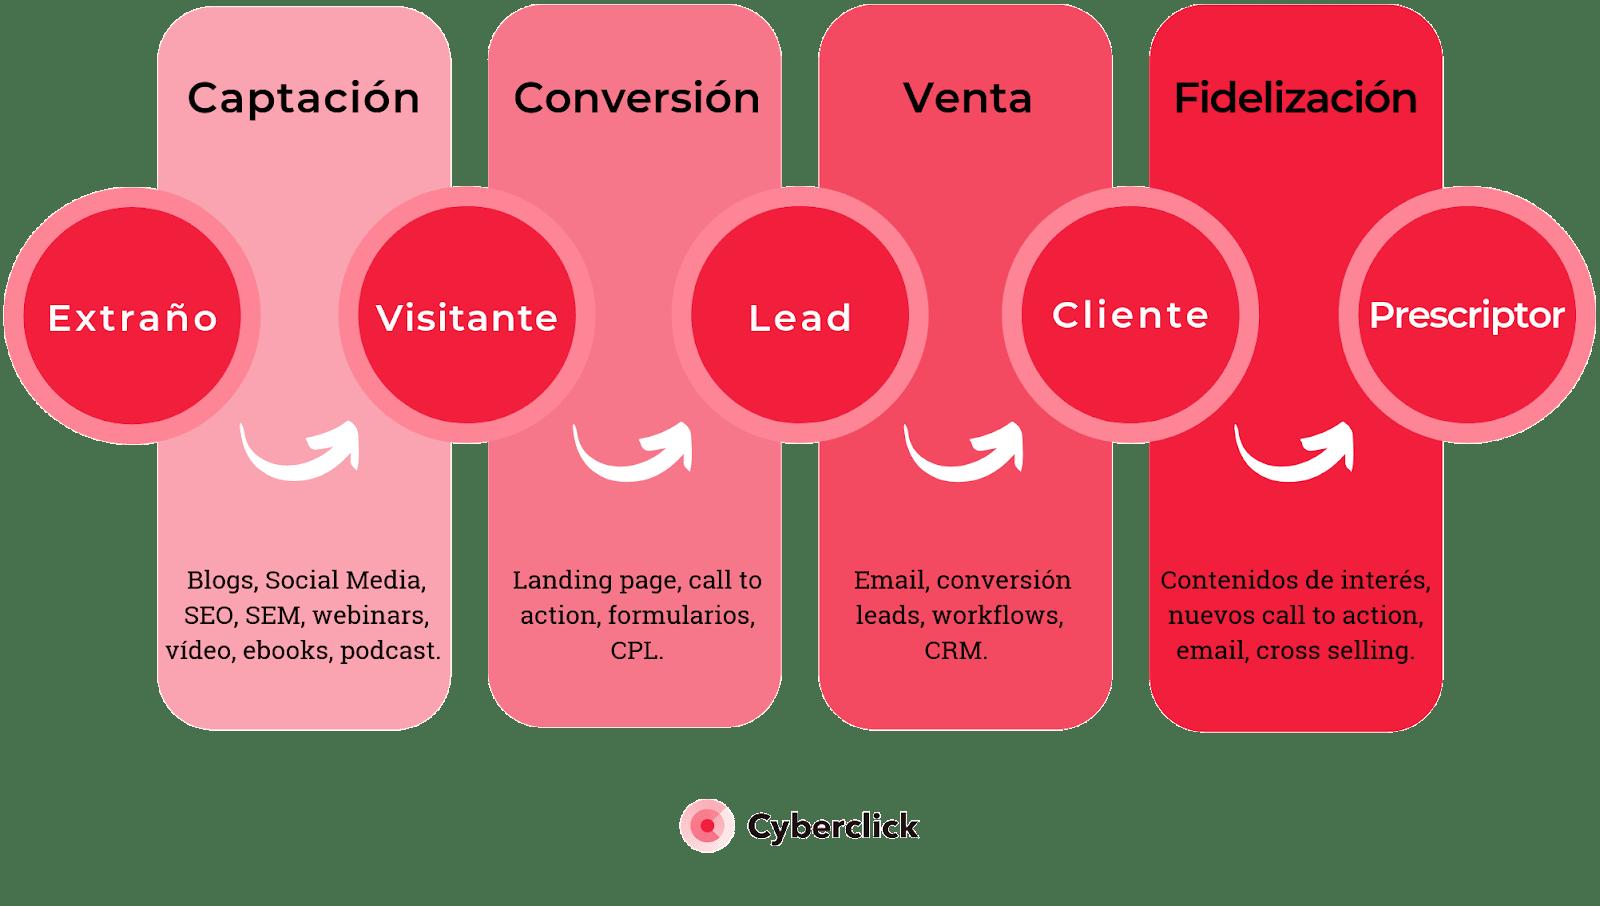 Inbound marketing que contenidos usar en cada fase del embudo de conversion